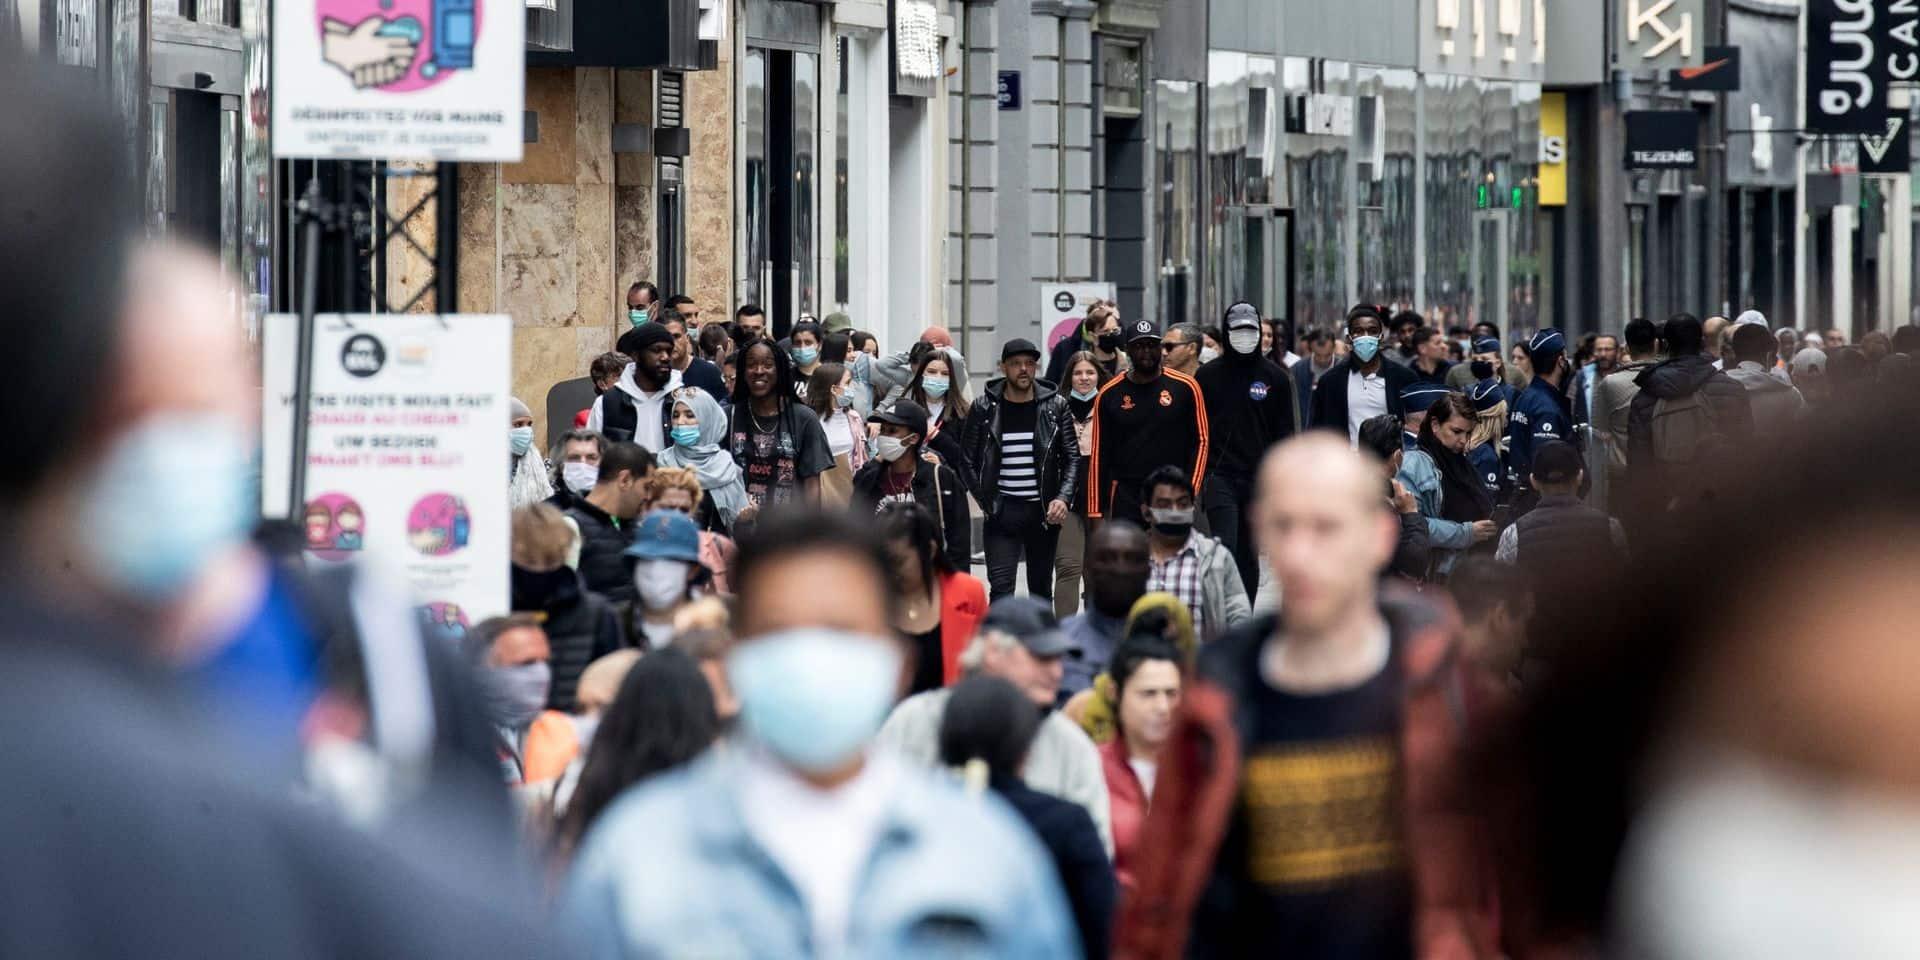 Le coronavirus nuit à la santé mentale, mais la population résiste